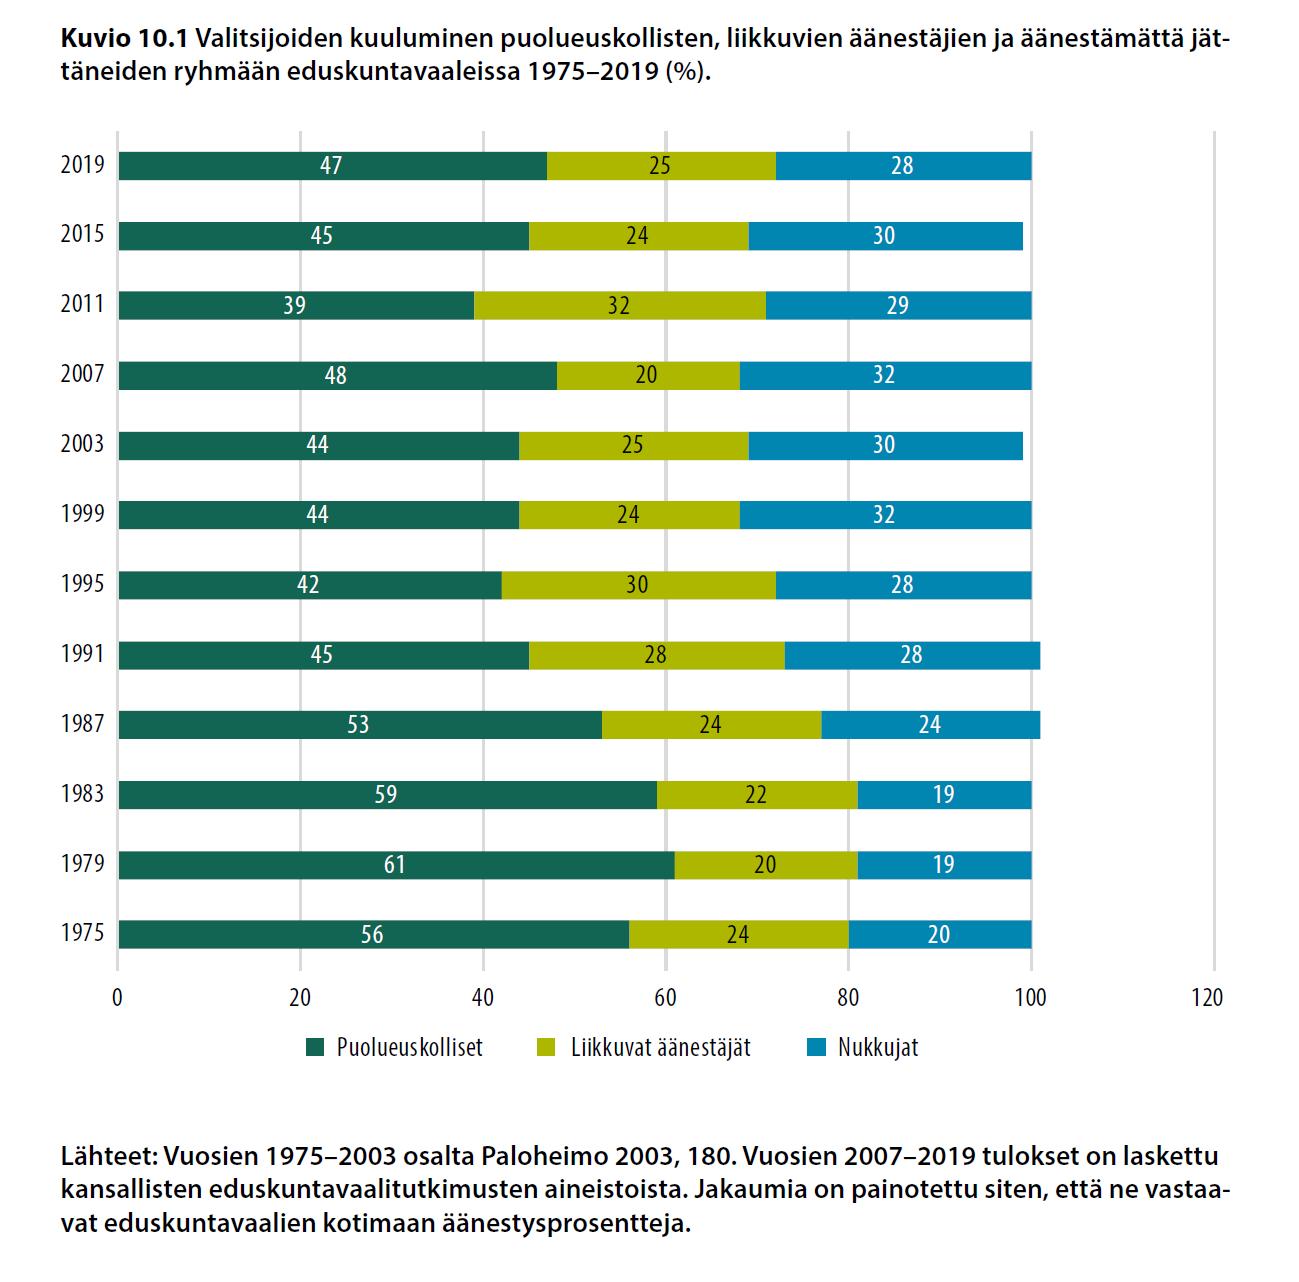 Valitsijoiden kuuluminen puolueuskollisten, liikkuvien äänestäjien ja äänestämättä jättäneiden ryhmään edukskuntavaaleissa 1975-2019 (%).